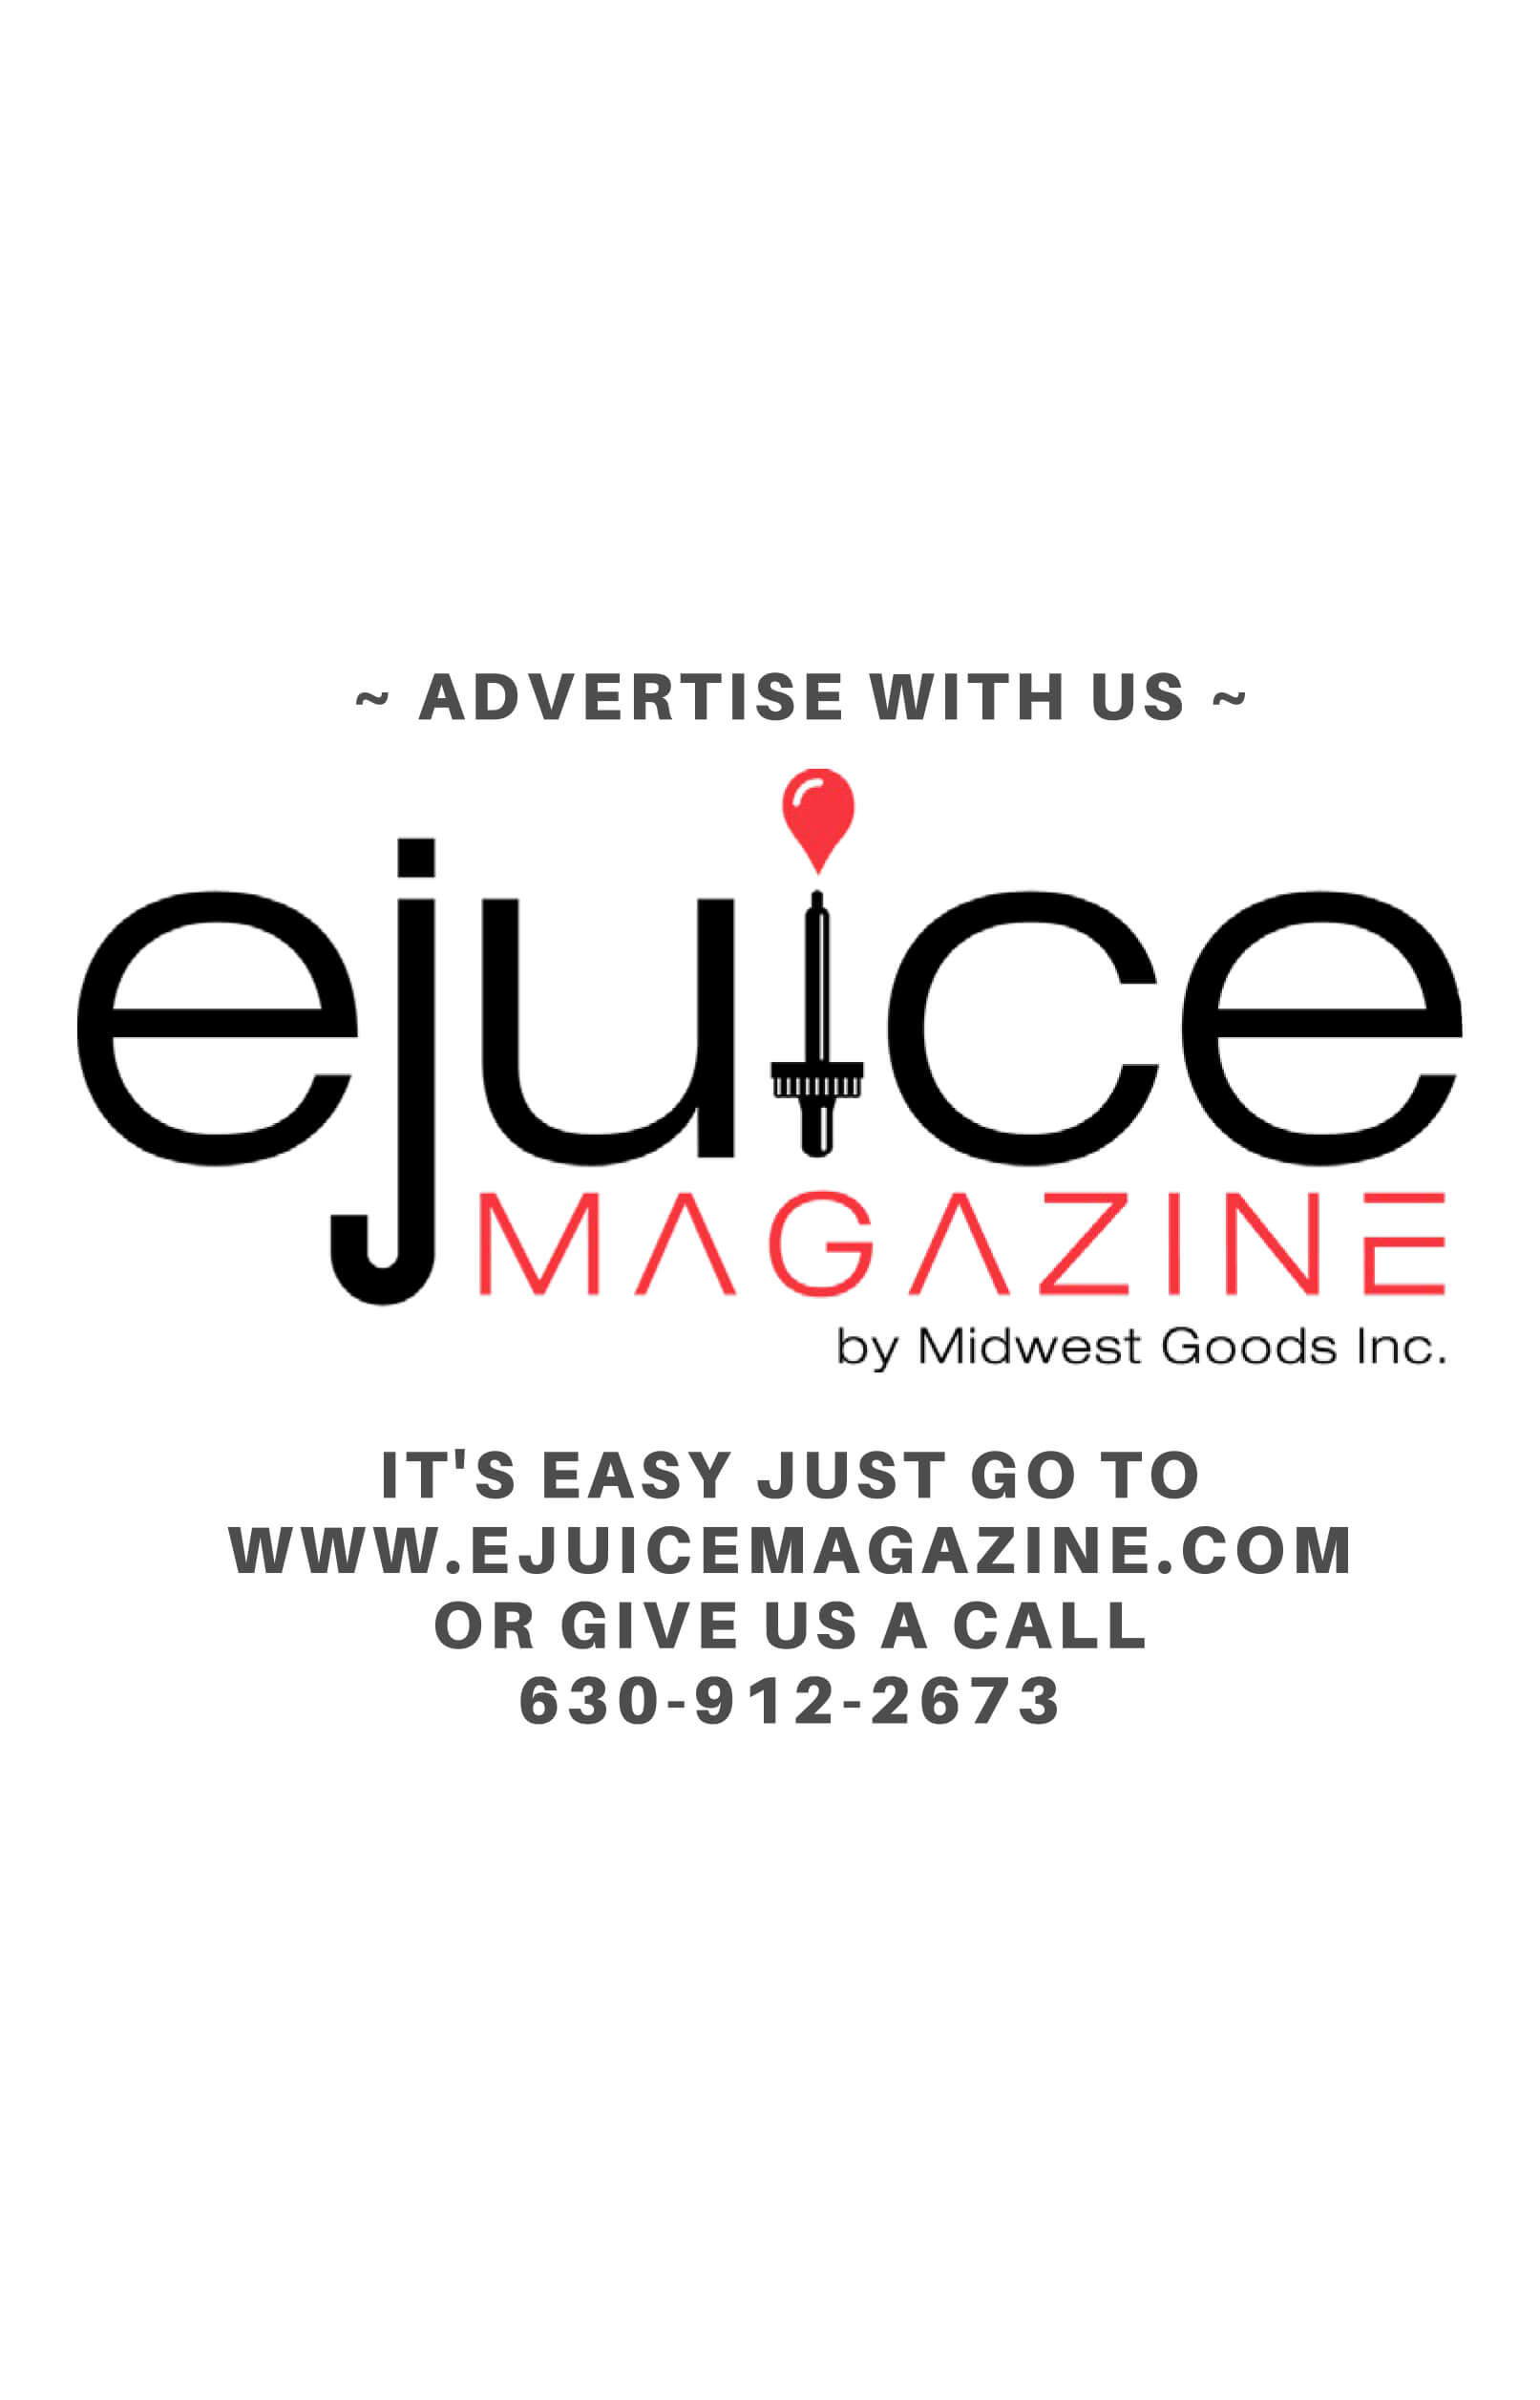 ejuice magazine advertise with us